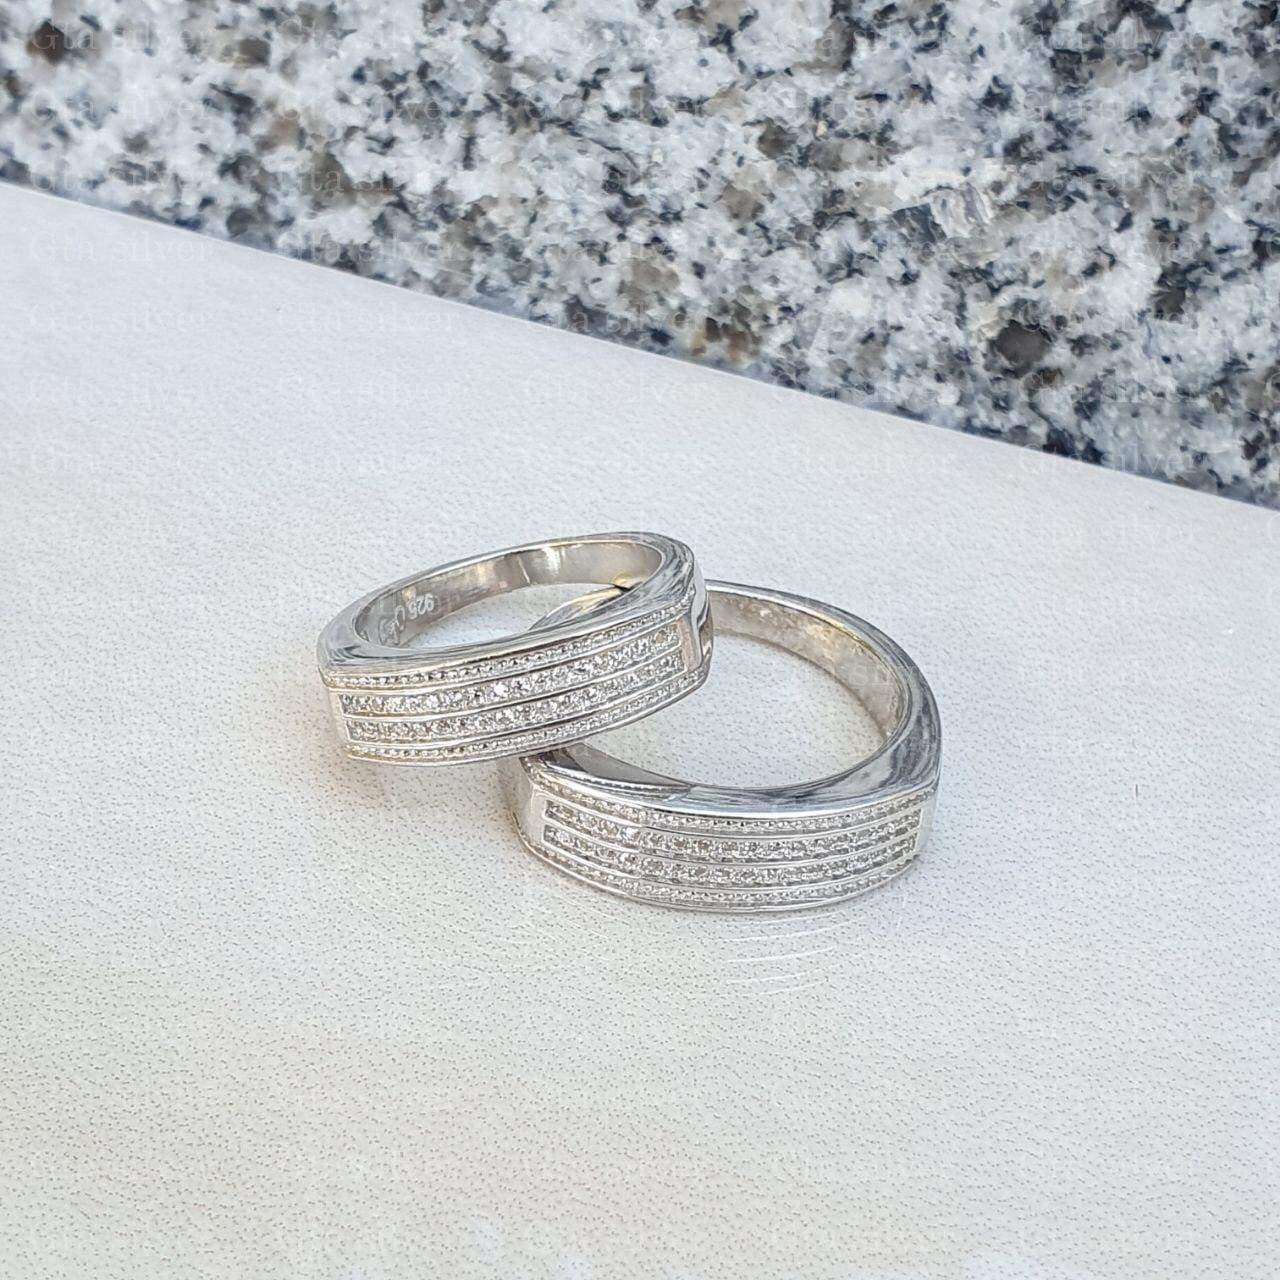 ست حلقه ازدواج وزن 9 گرم مدل 10